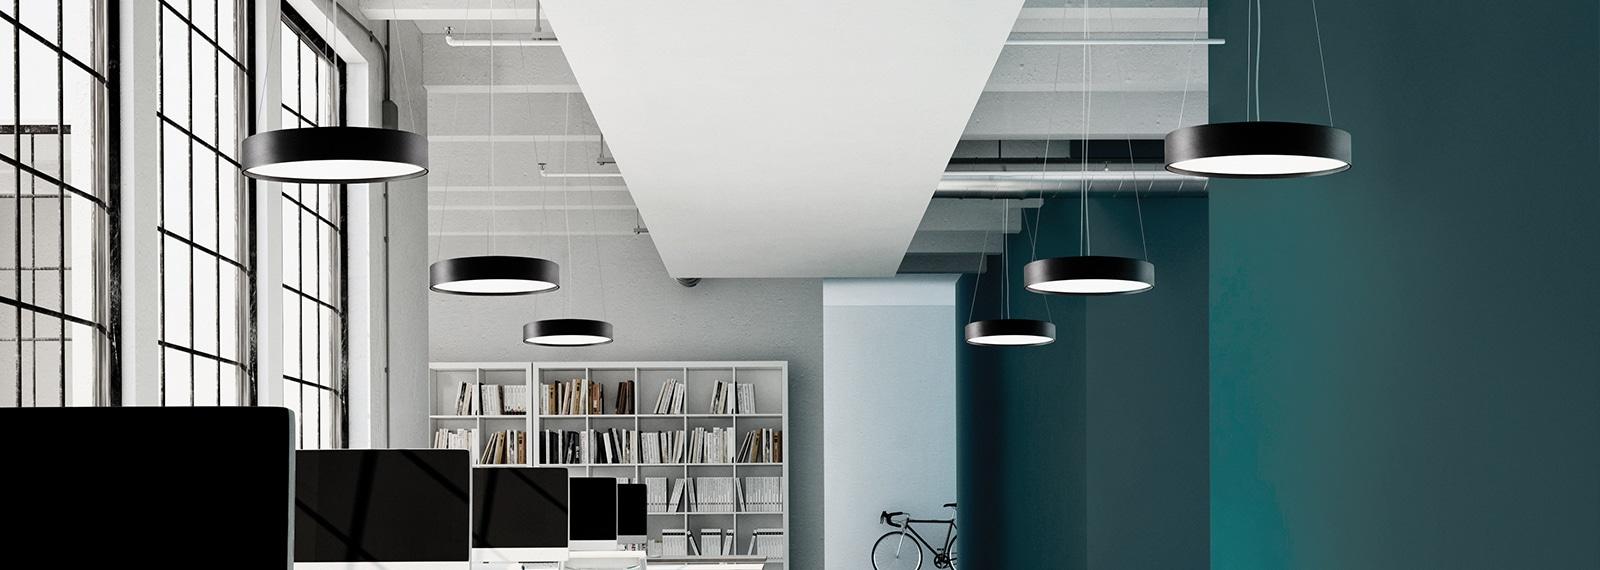 light point lamper til loftet